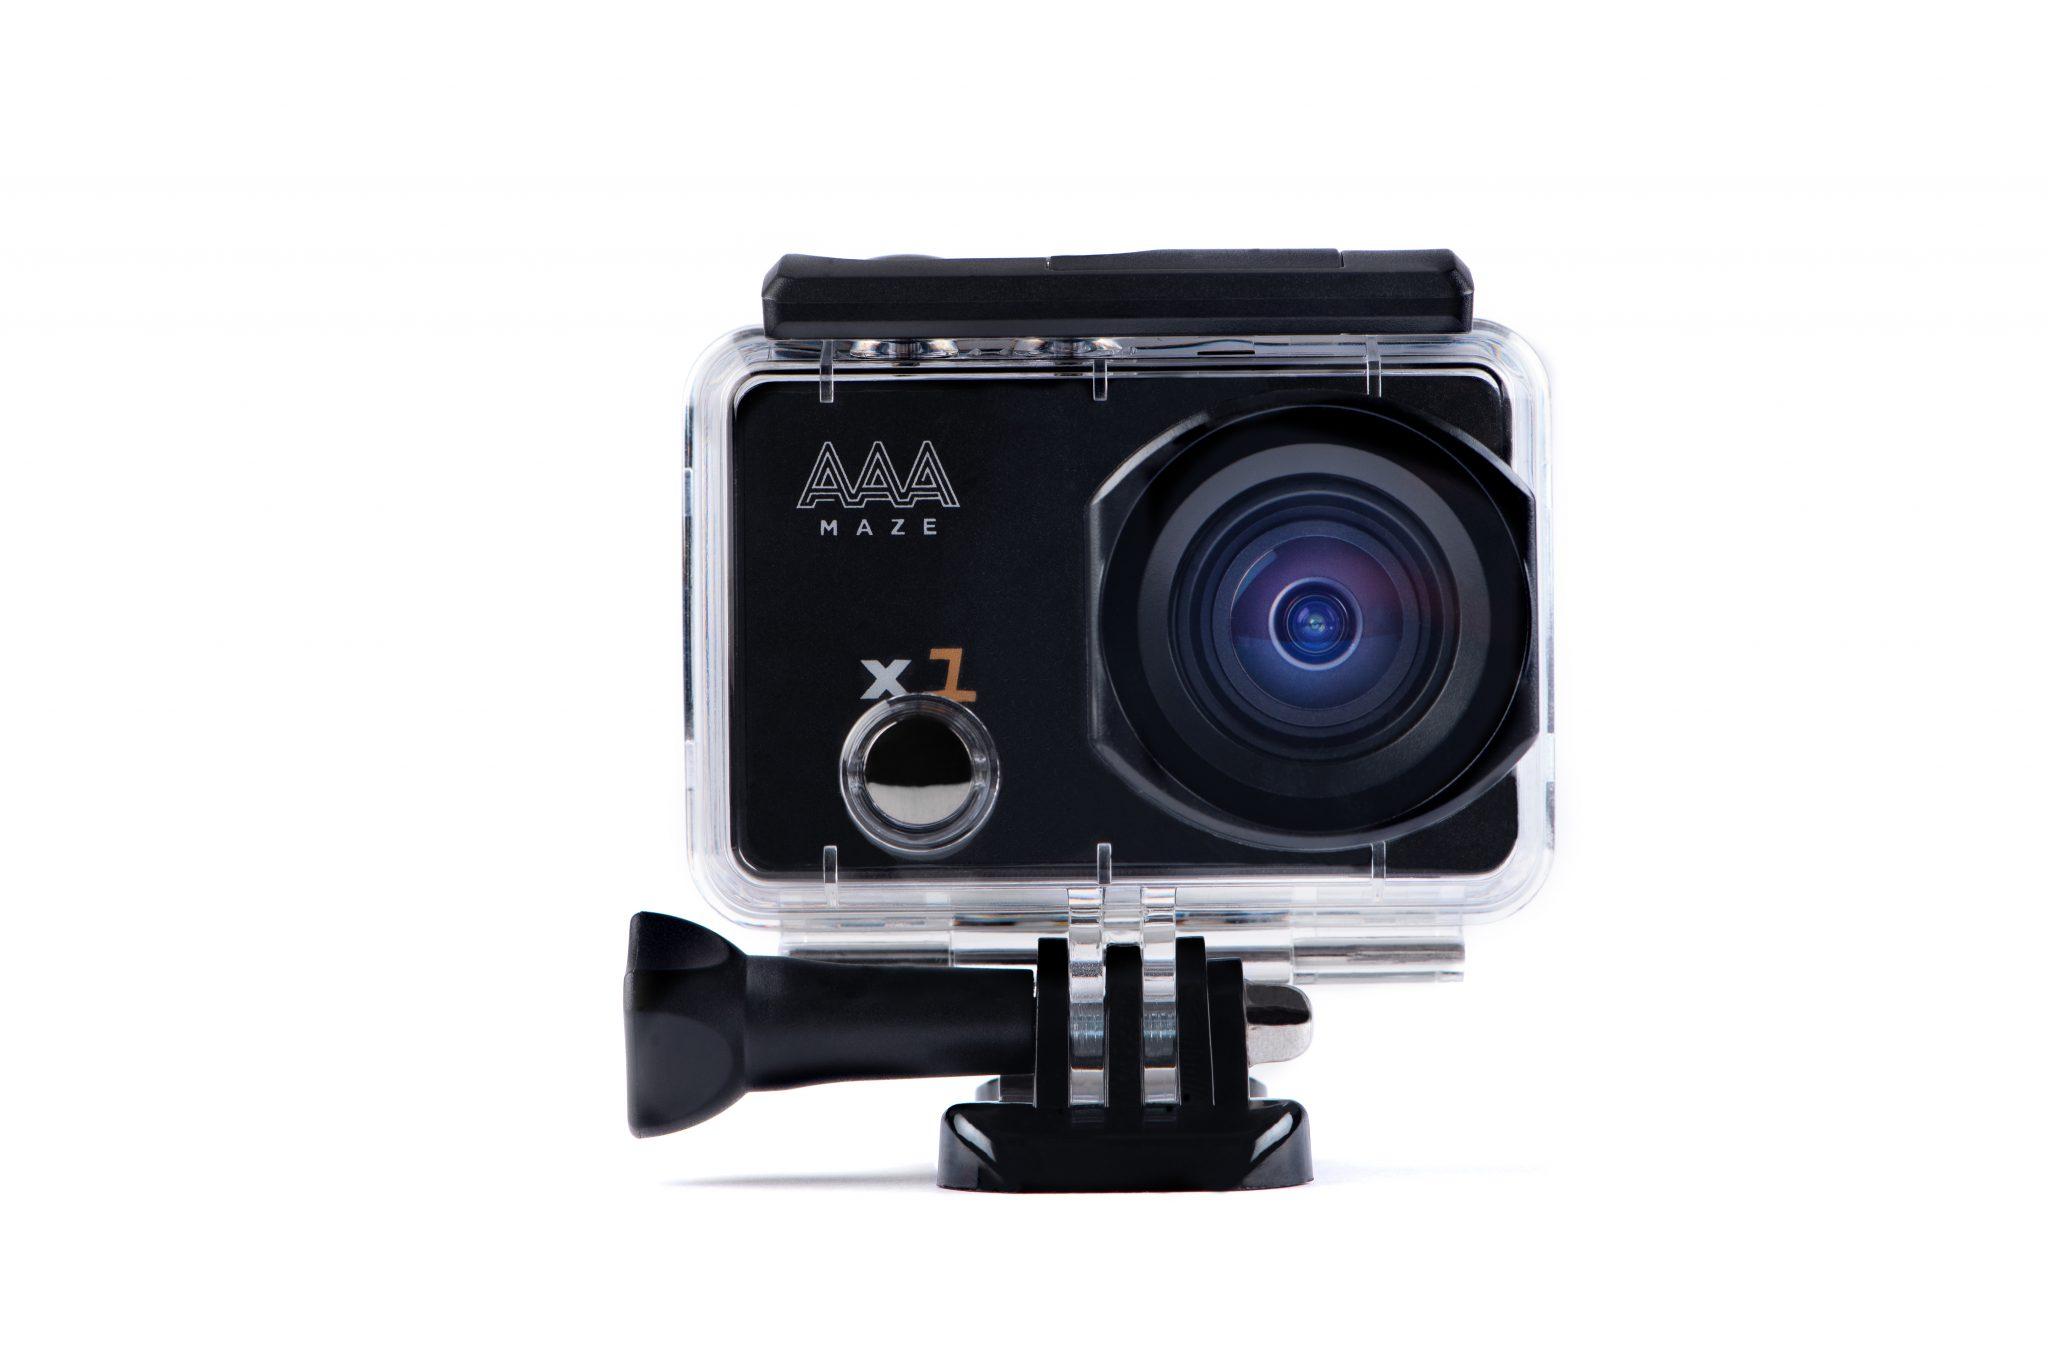 Offerta AAAmaze Action Cam X1 4K: da Euronics al prezzo di 99 euro!